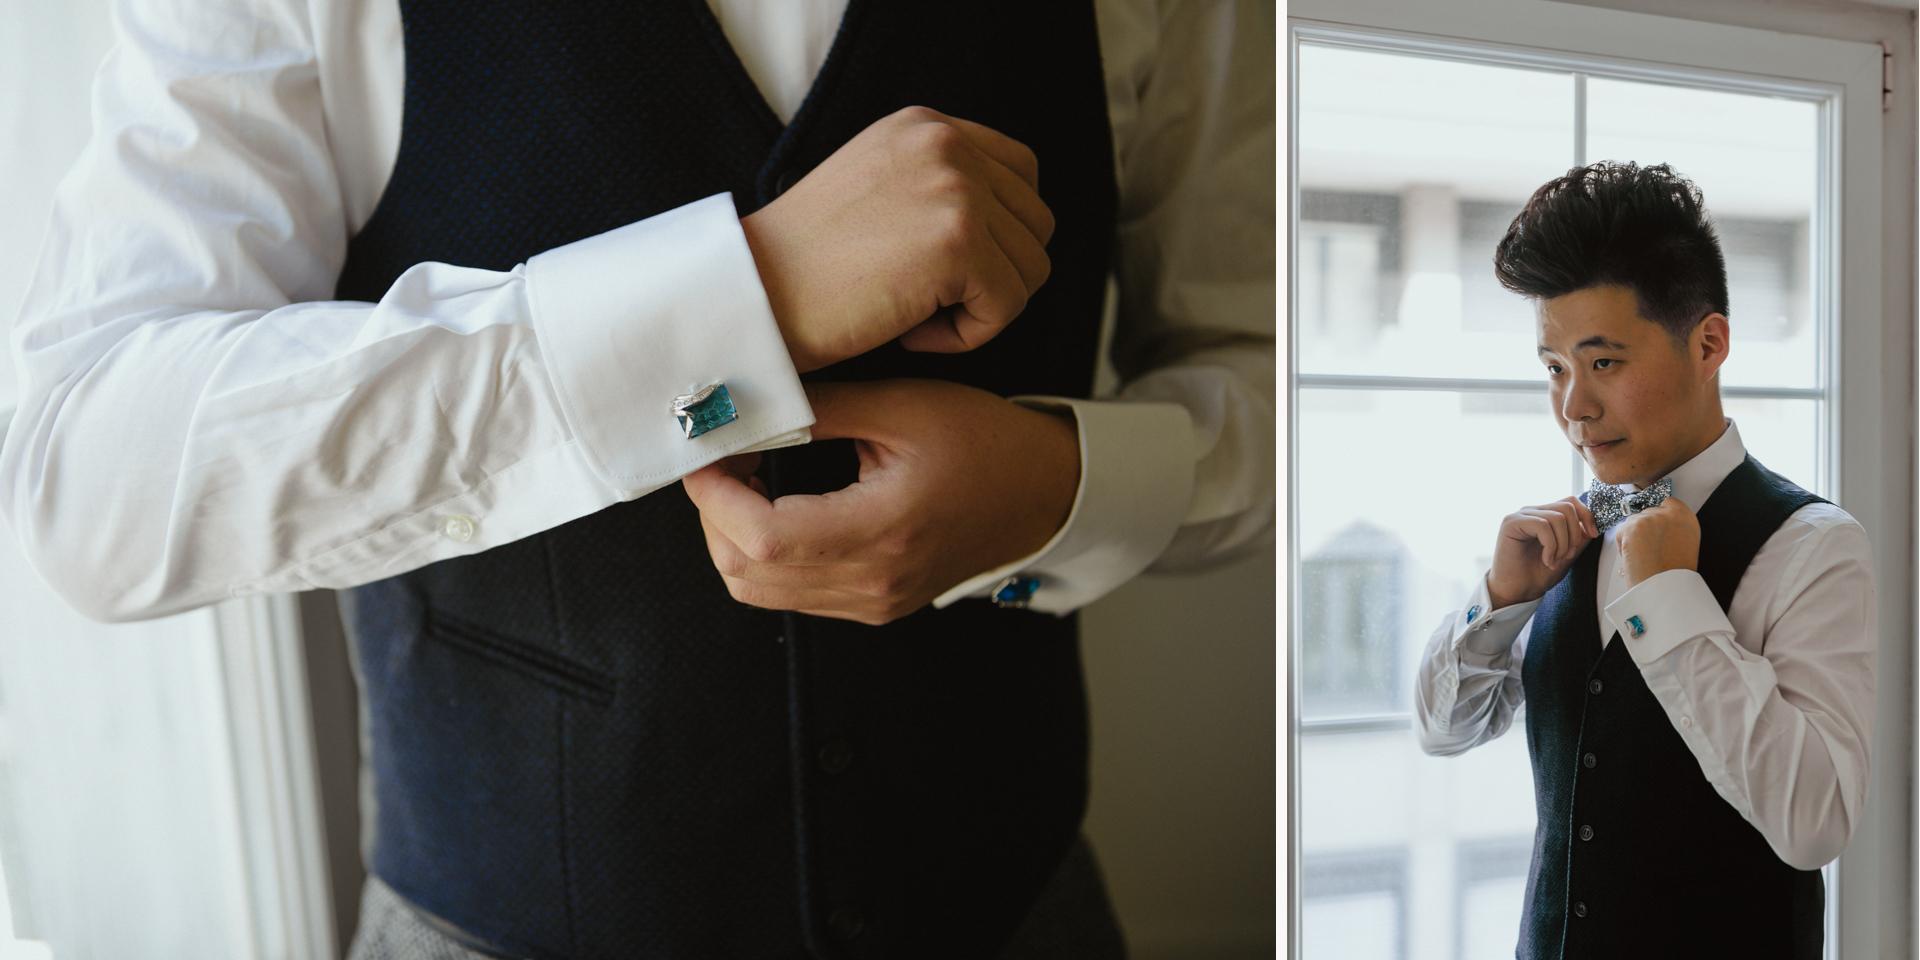 Bräutigam richtet sich Fliege und hält Manschettenknöpfe in die Kamera